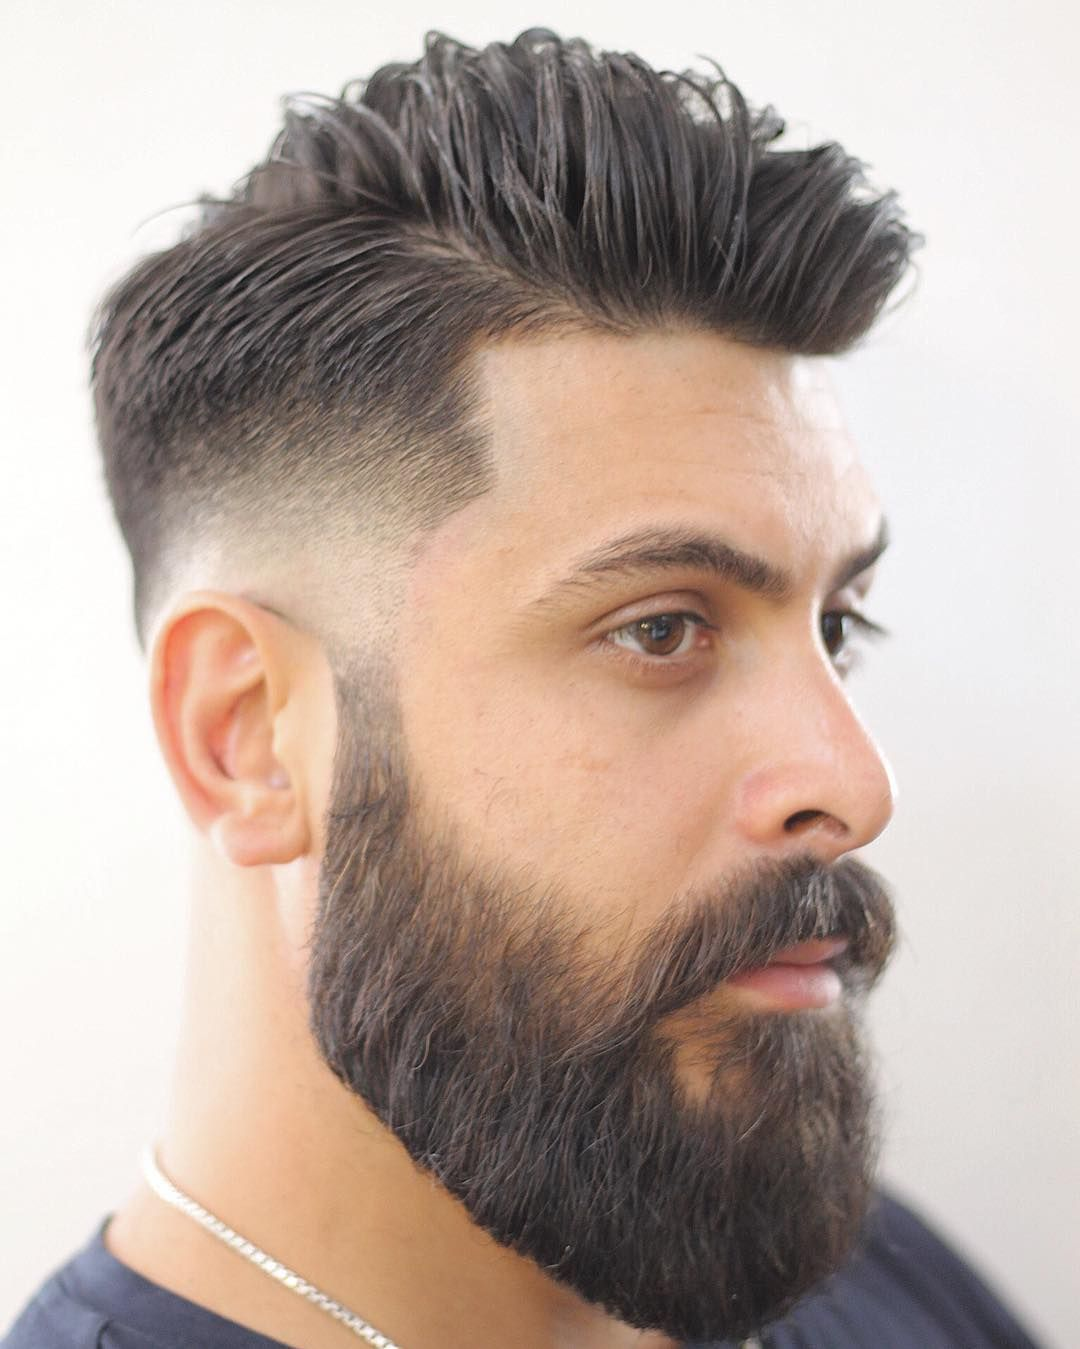 Fade haircut men  novos cortes de cabelo masculino de   fade haircut haircut